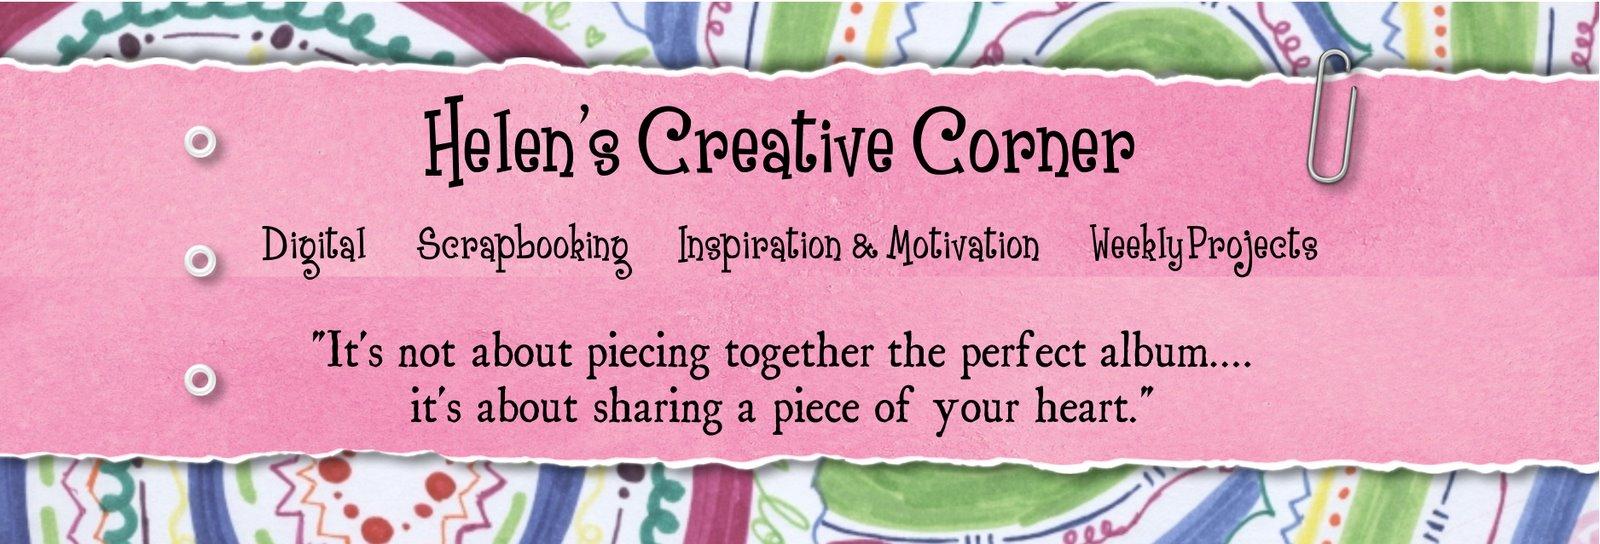 Helen's Creative Corner